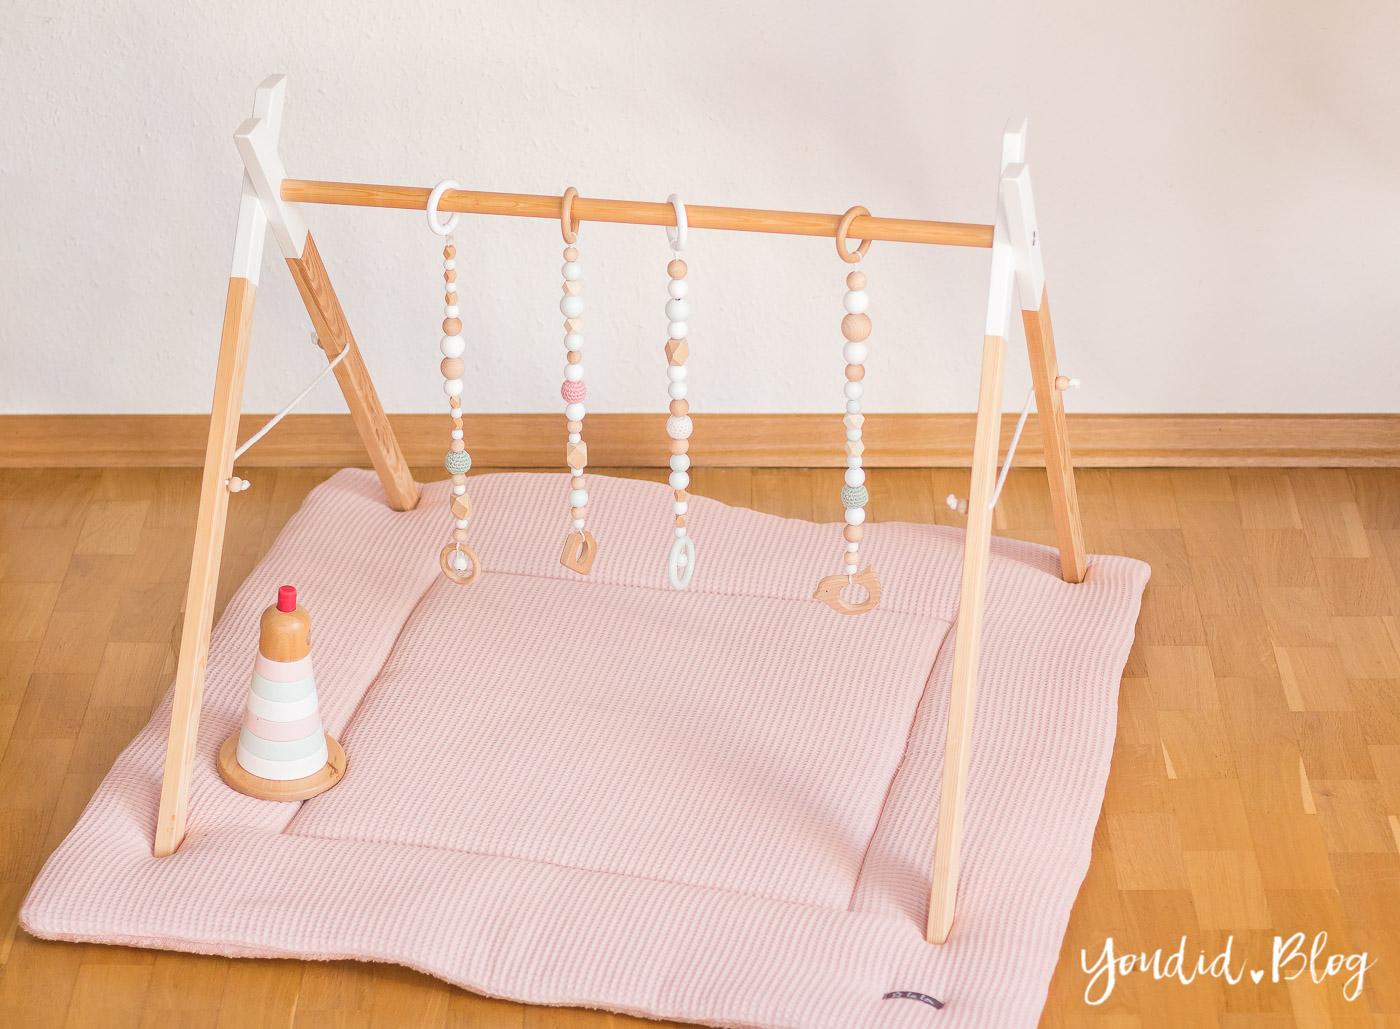 Bauanleitung f r einen diy holz spielbogen im for Kinderzimmer im skandinavischen stil